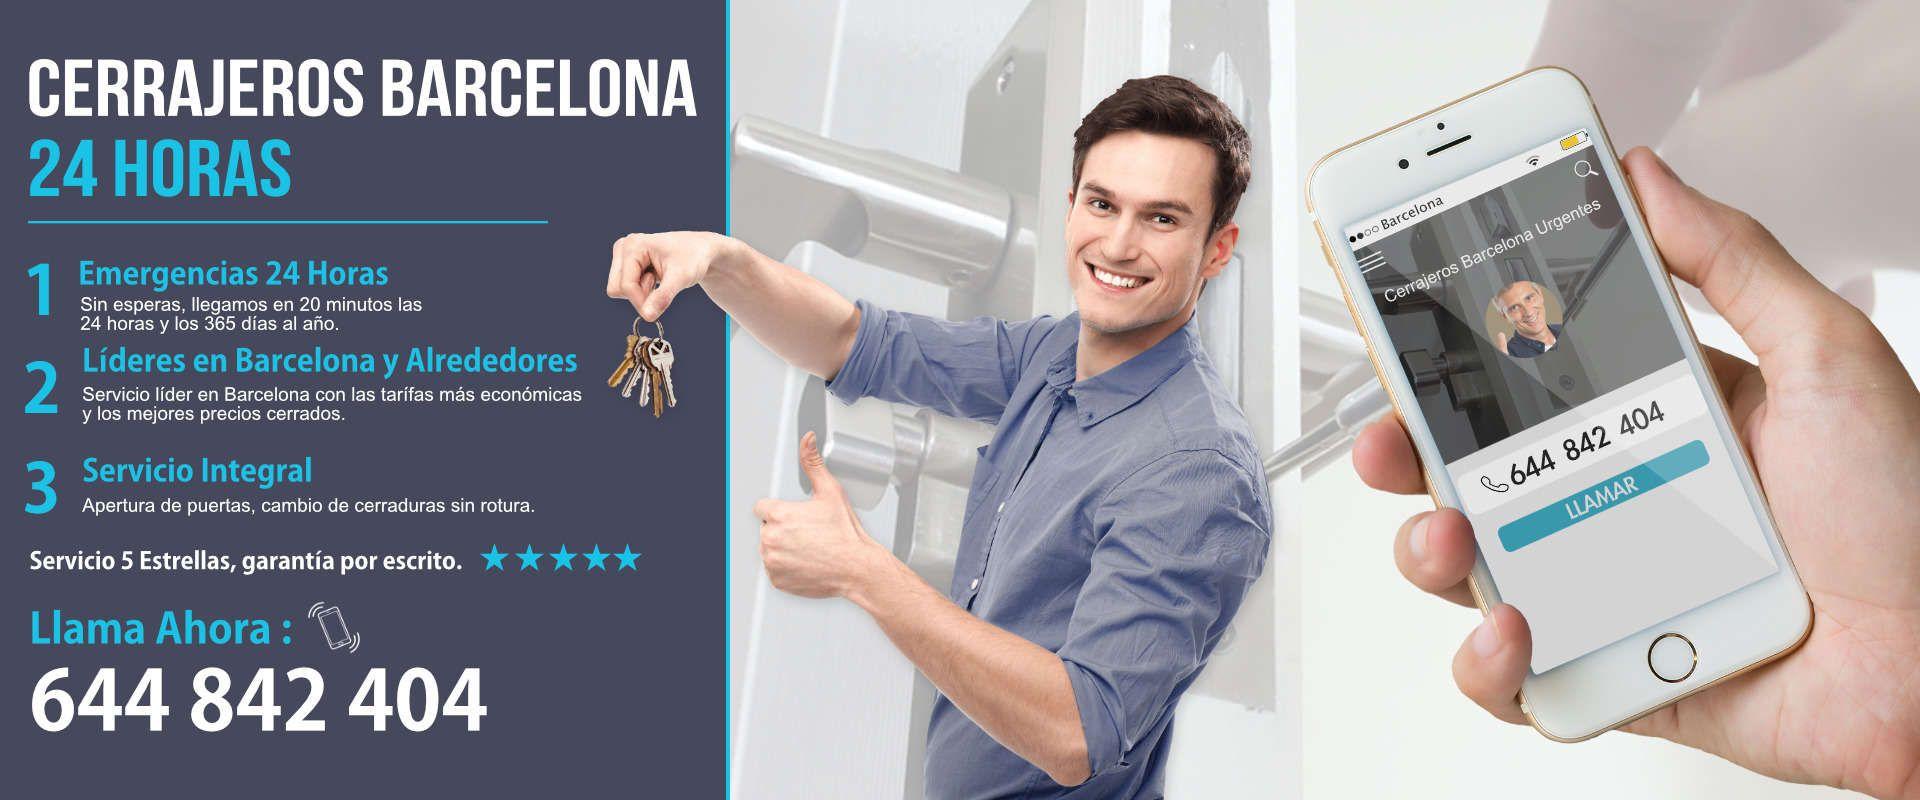 Cerrajeros Barcelona Jg se consolida en la ciudad de Barcelona y abre nuevas lineas de negocio